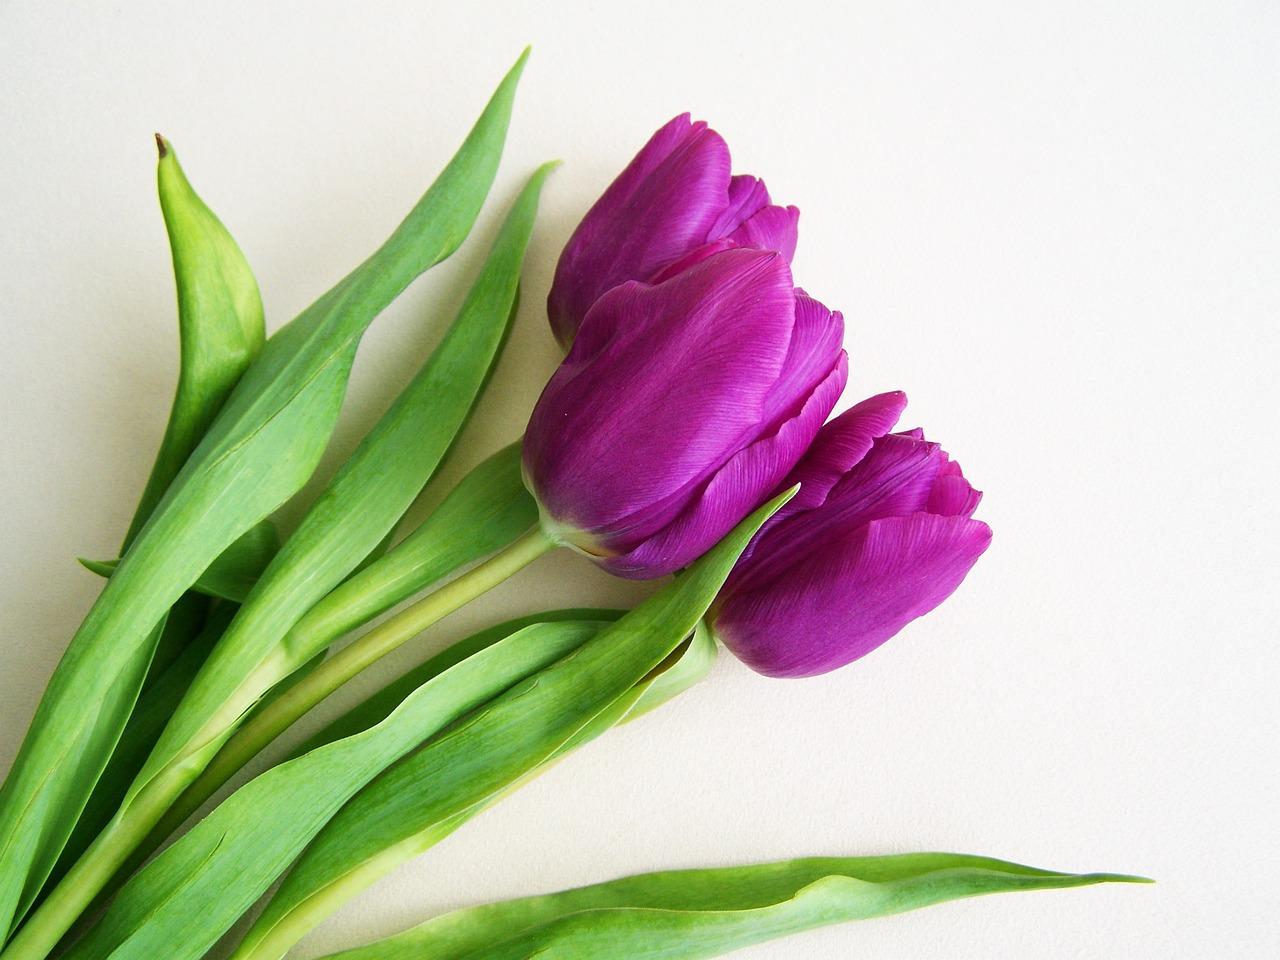 Открытки фиолетовые тюльпаны, дочке днем рождения